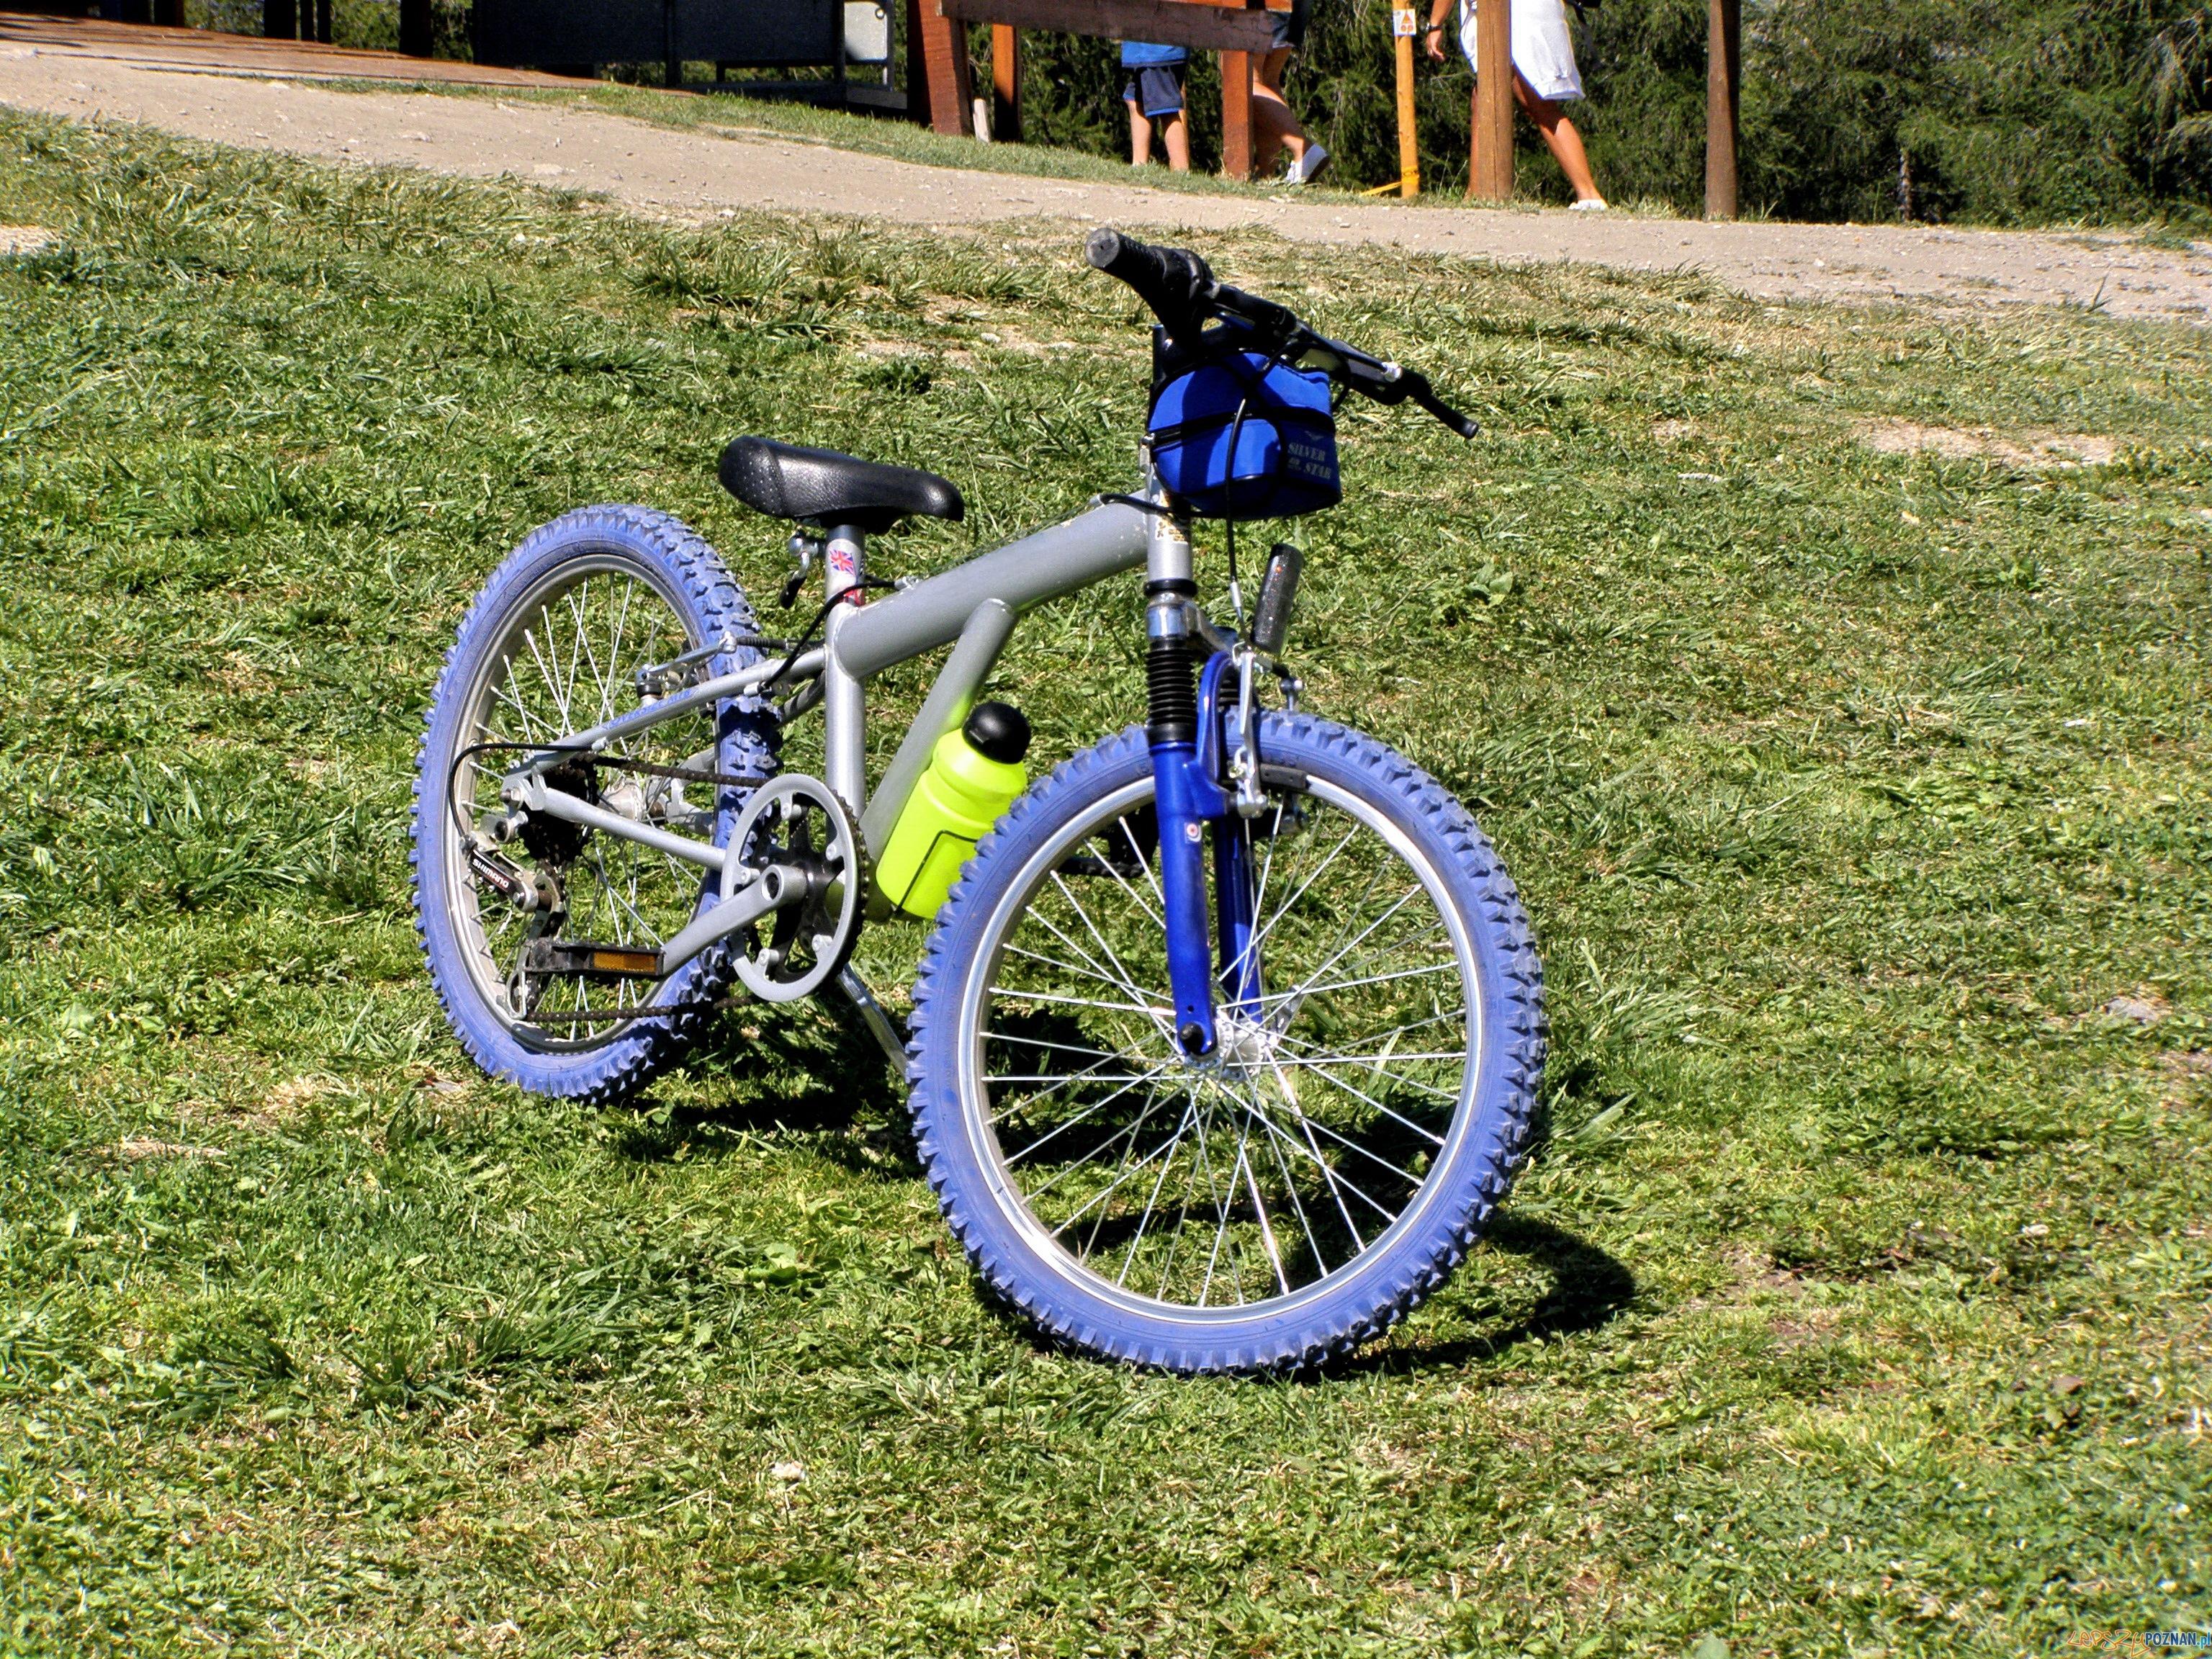 С членом на велосипеде 23 фотография